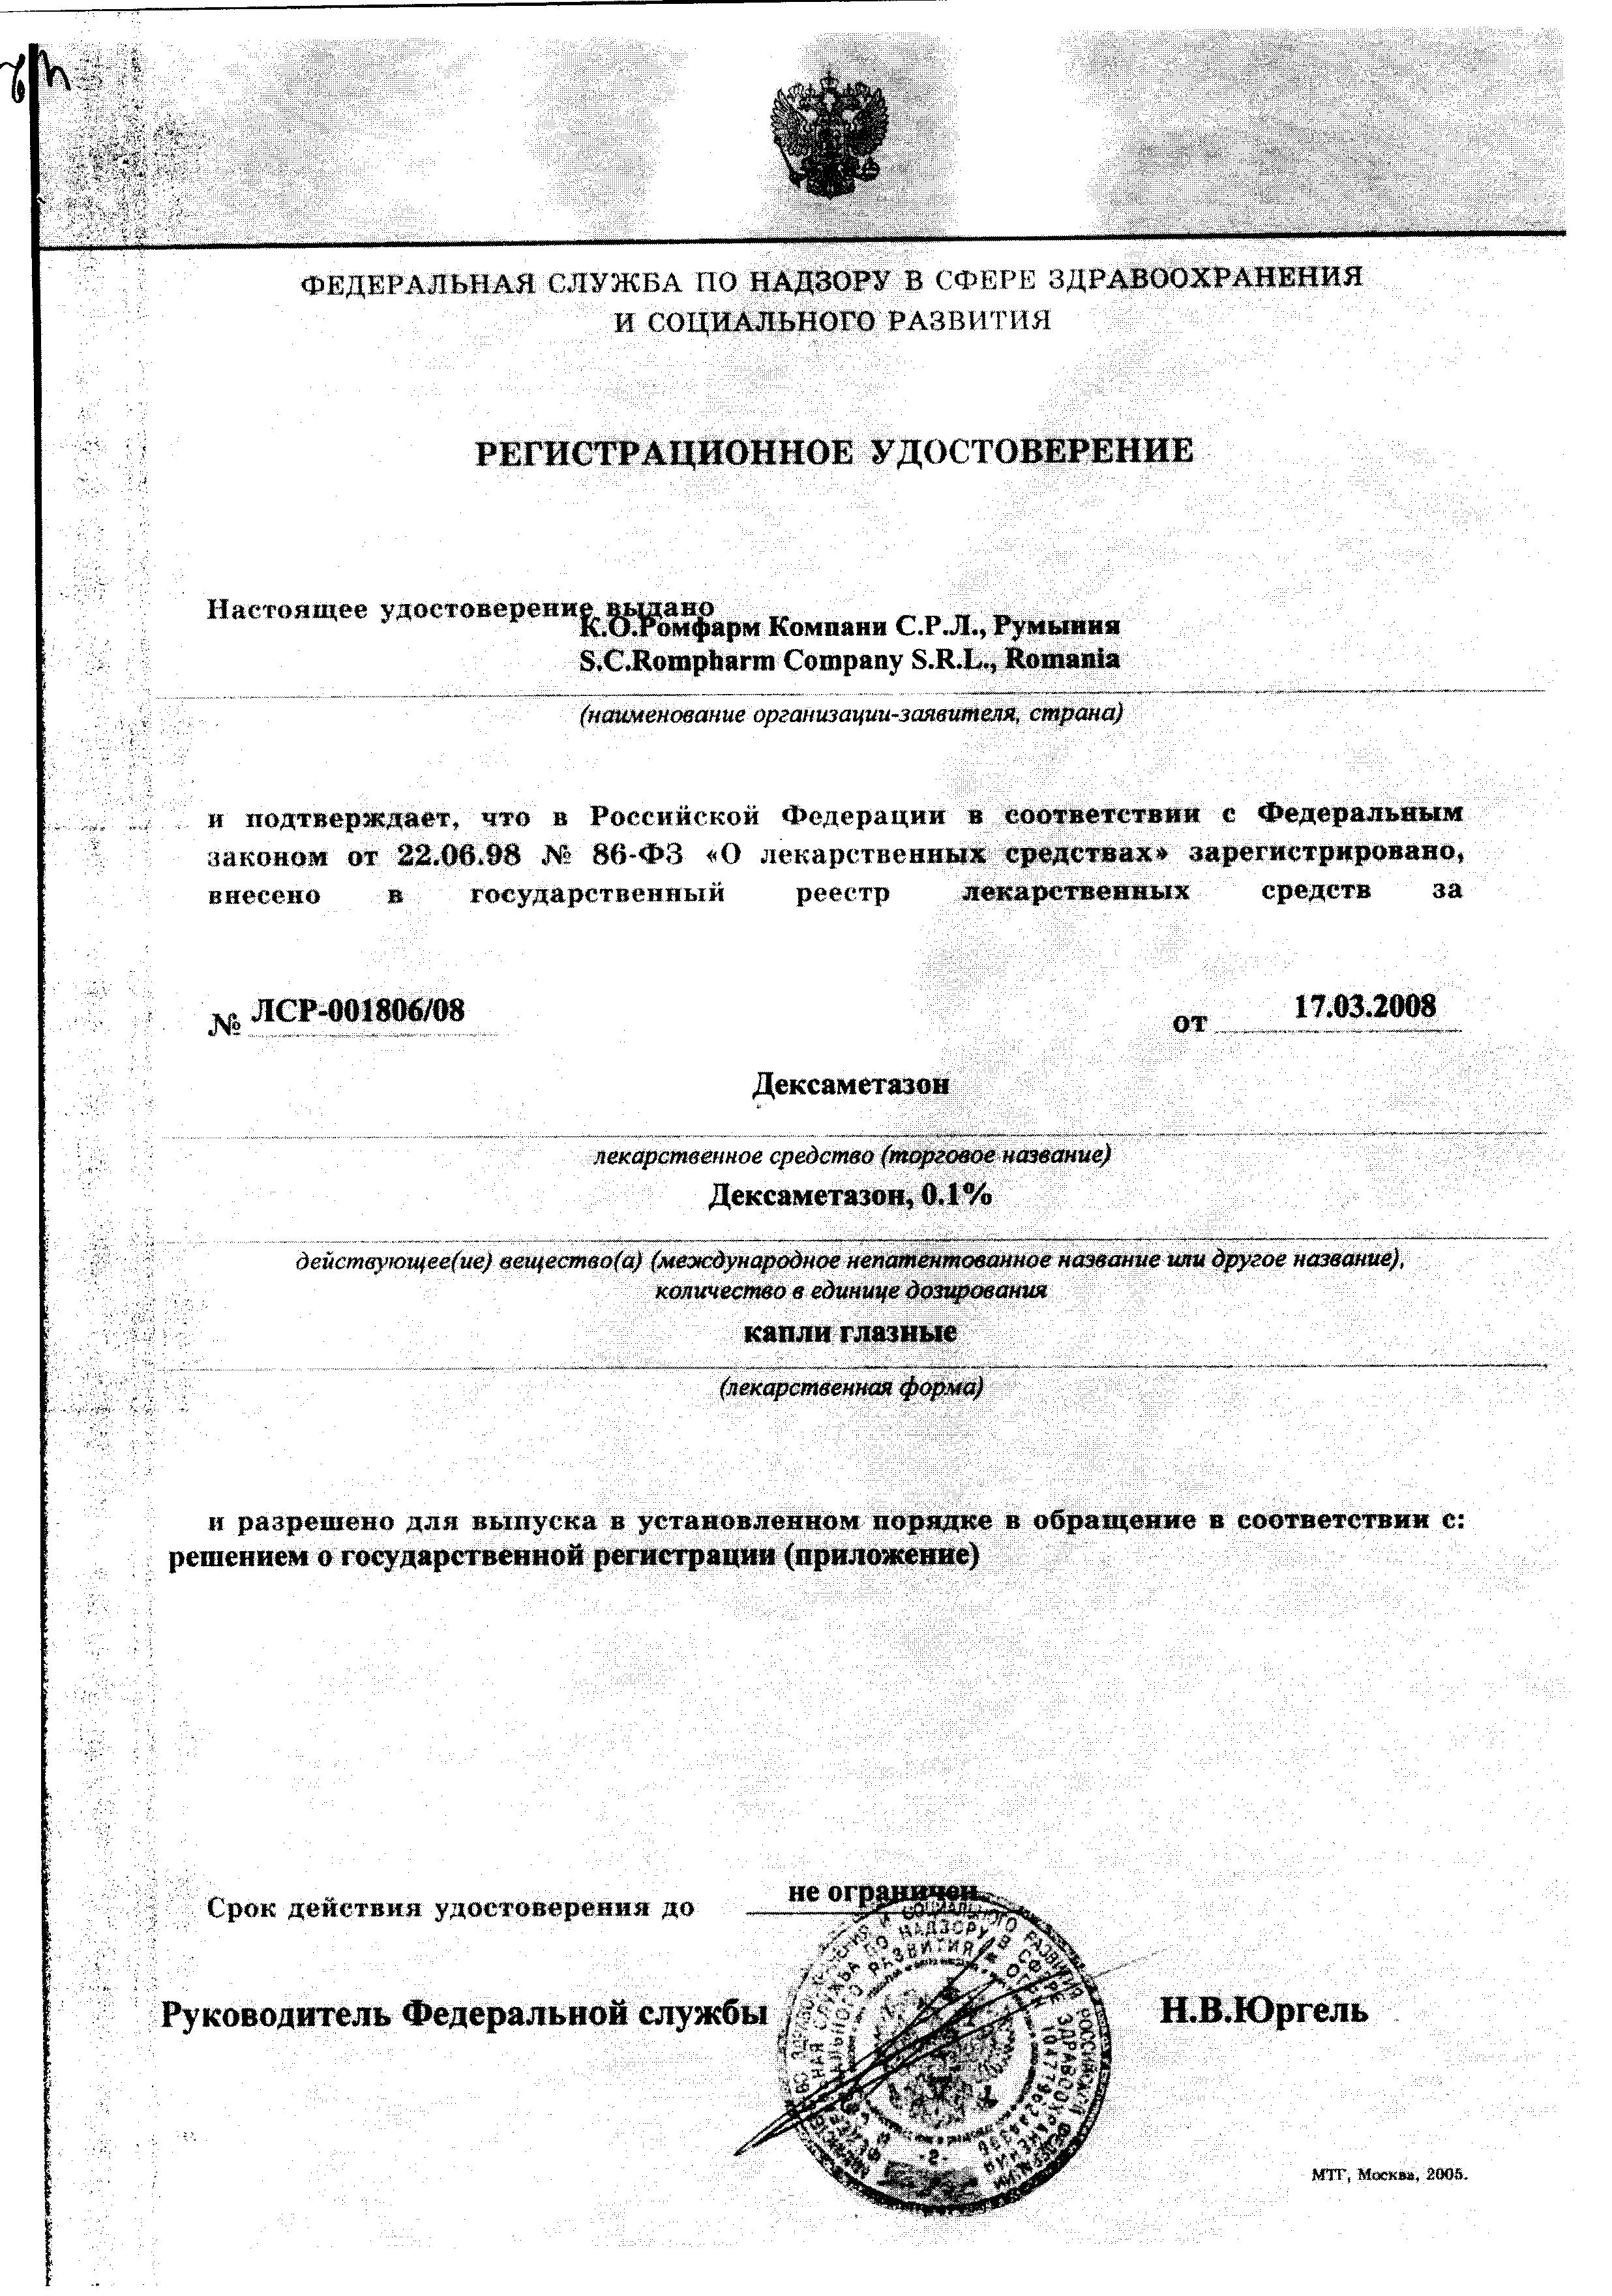 Дексаметазон (глазные капли) сертификат